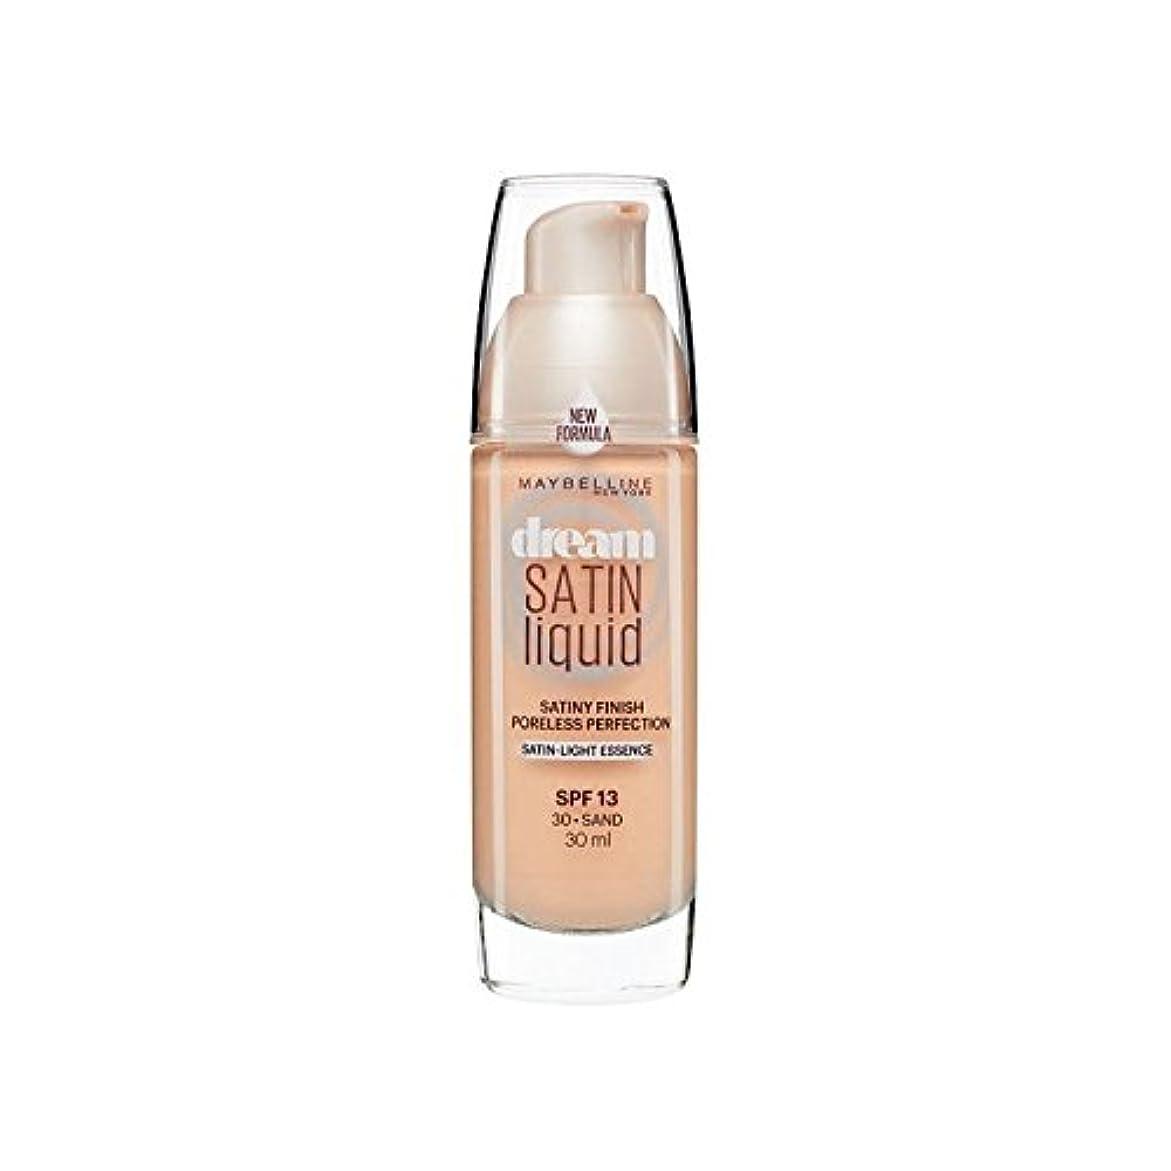 ペンスゲートウェイハンカチメイベリン夢サテンリキッドファンデーション30砂の30ミリリットル x2 - Maybelline Dream Satin Liquid Foundation 30 Sand 30ml (Pack of 2) [並行輸入品]